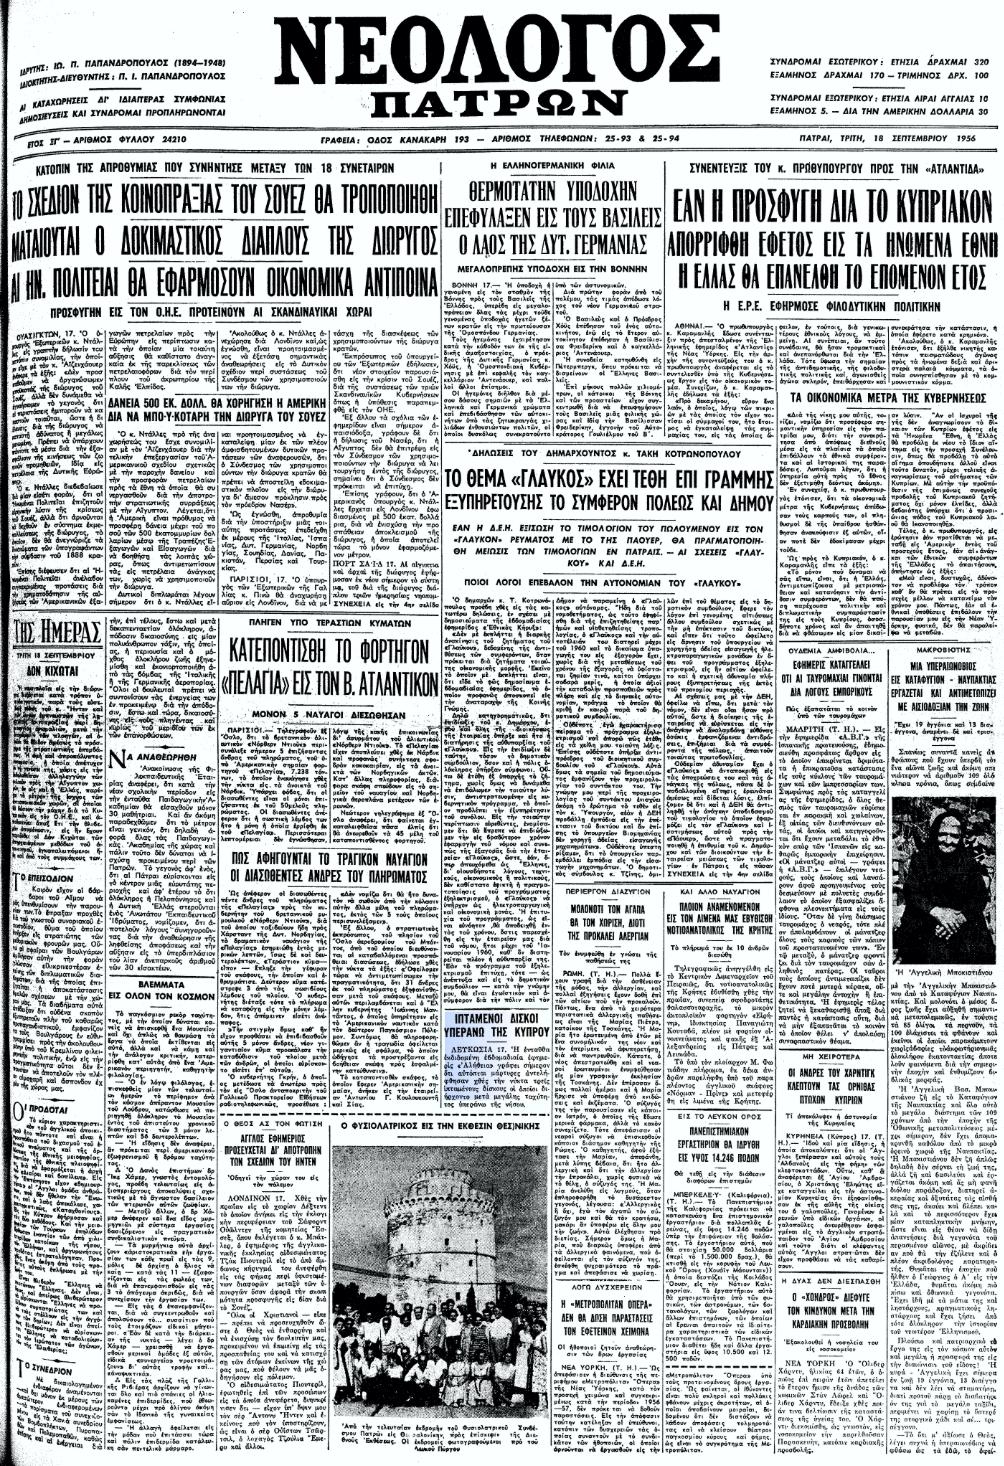 """Το άρθρο, όπως δημοσιεύθηκε στην εφημερίδα """"ΝΕΟΛΟΓΟΣ ΠΑΤΡΩΝ"""", στις 18/09/1956"""